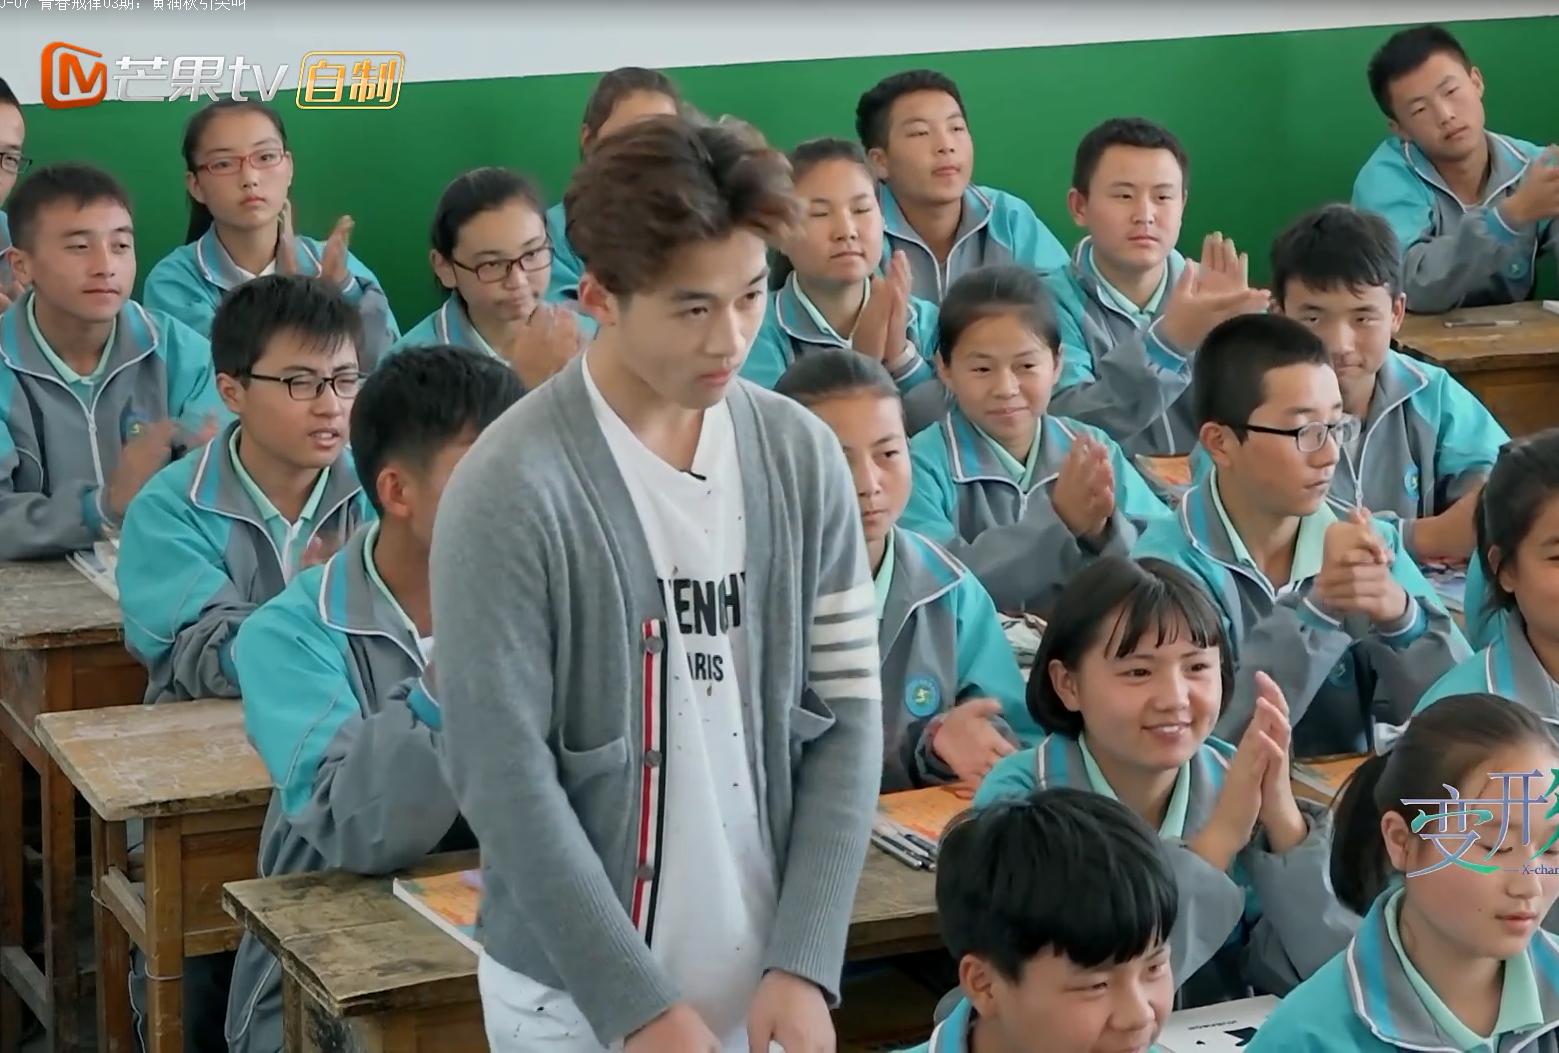 《变形计》城市少年来农村上学,当看到孩子们用的课桌,网友炸锅